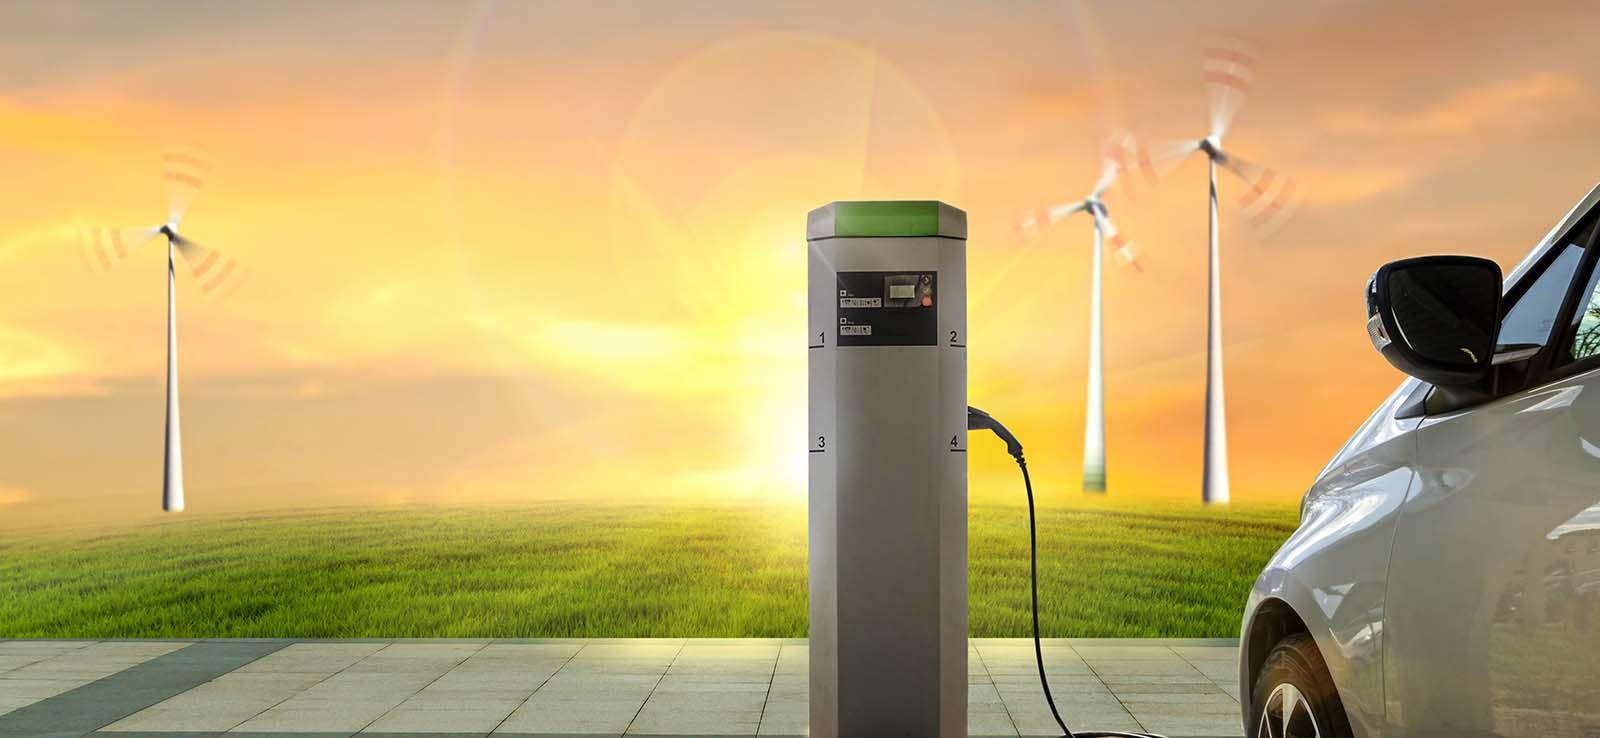 Fotovoltaik Tirol, Solarstrom Tirol, Solarenergie Tirol. Wir beraten Sie in Sachen Solarenergie, E-Tankstellen, E-Mobilität Ladestellen und Fotovoltaik im Raum Tirol, Wiesing, Achensee, Zillertal und Schwaz.